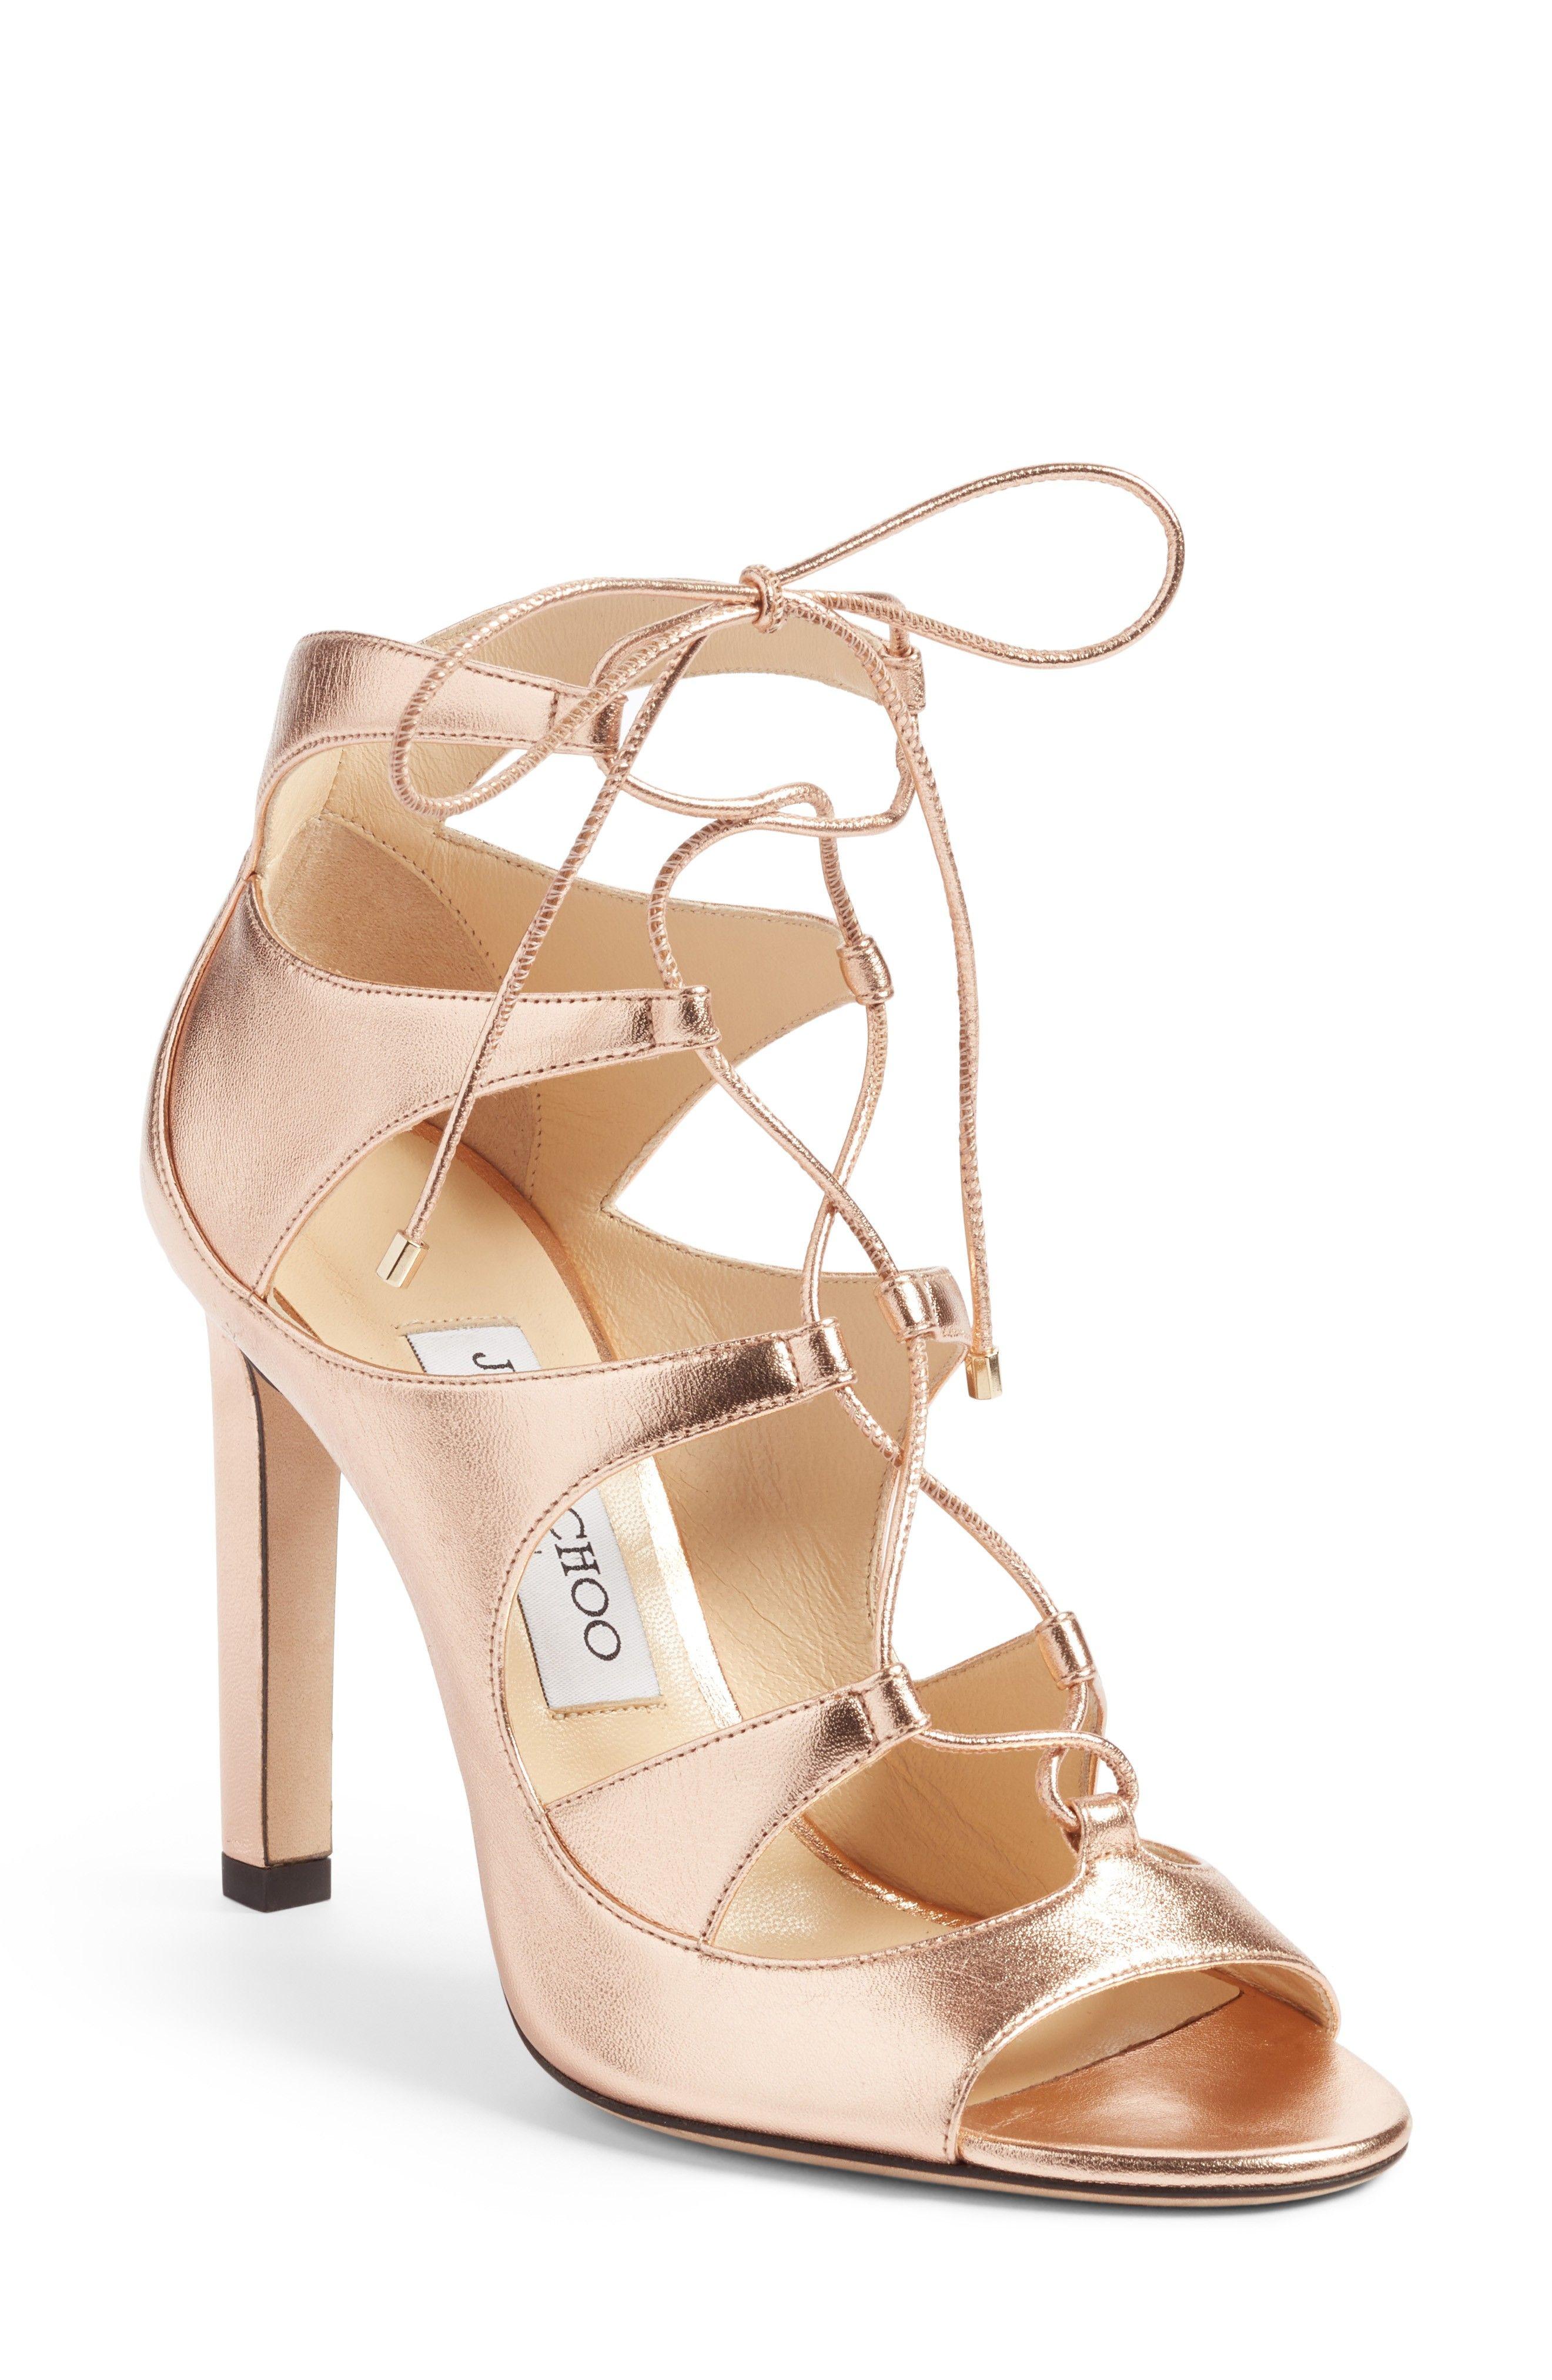 Jimmy Choo Rose Gold Sandals - Blake